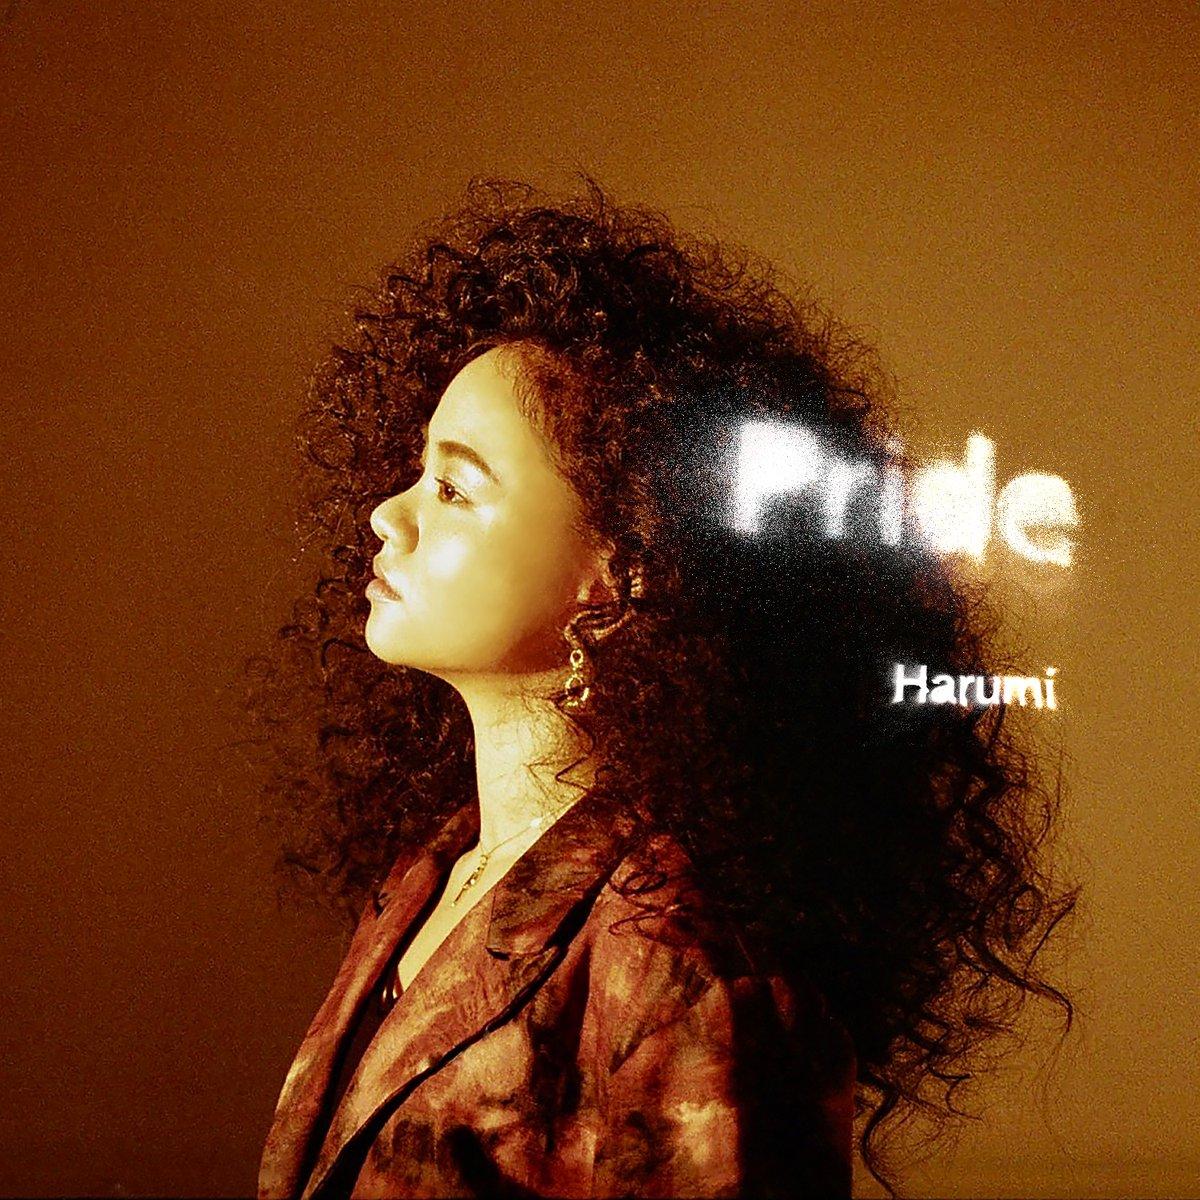 『遥海 - Hearts Don't Lie』収録の『Pride』ジャケット